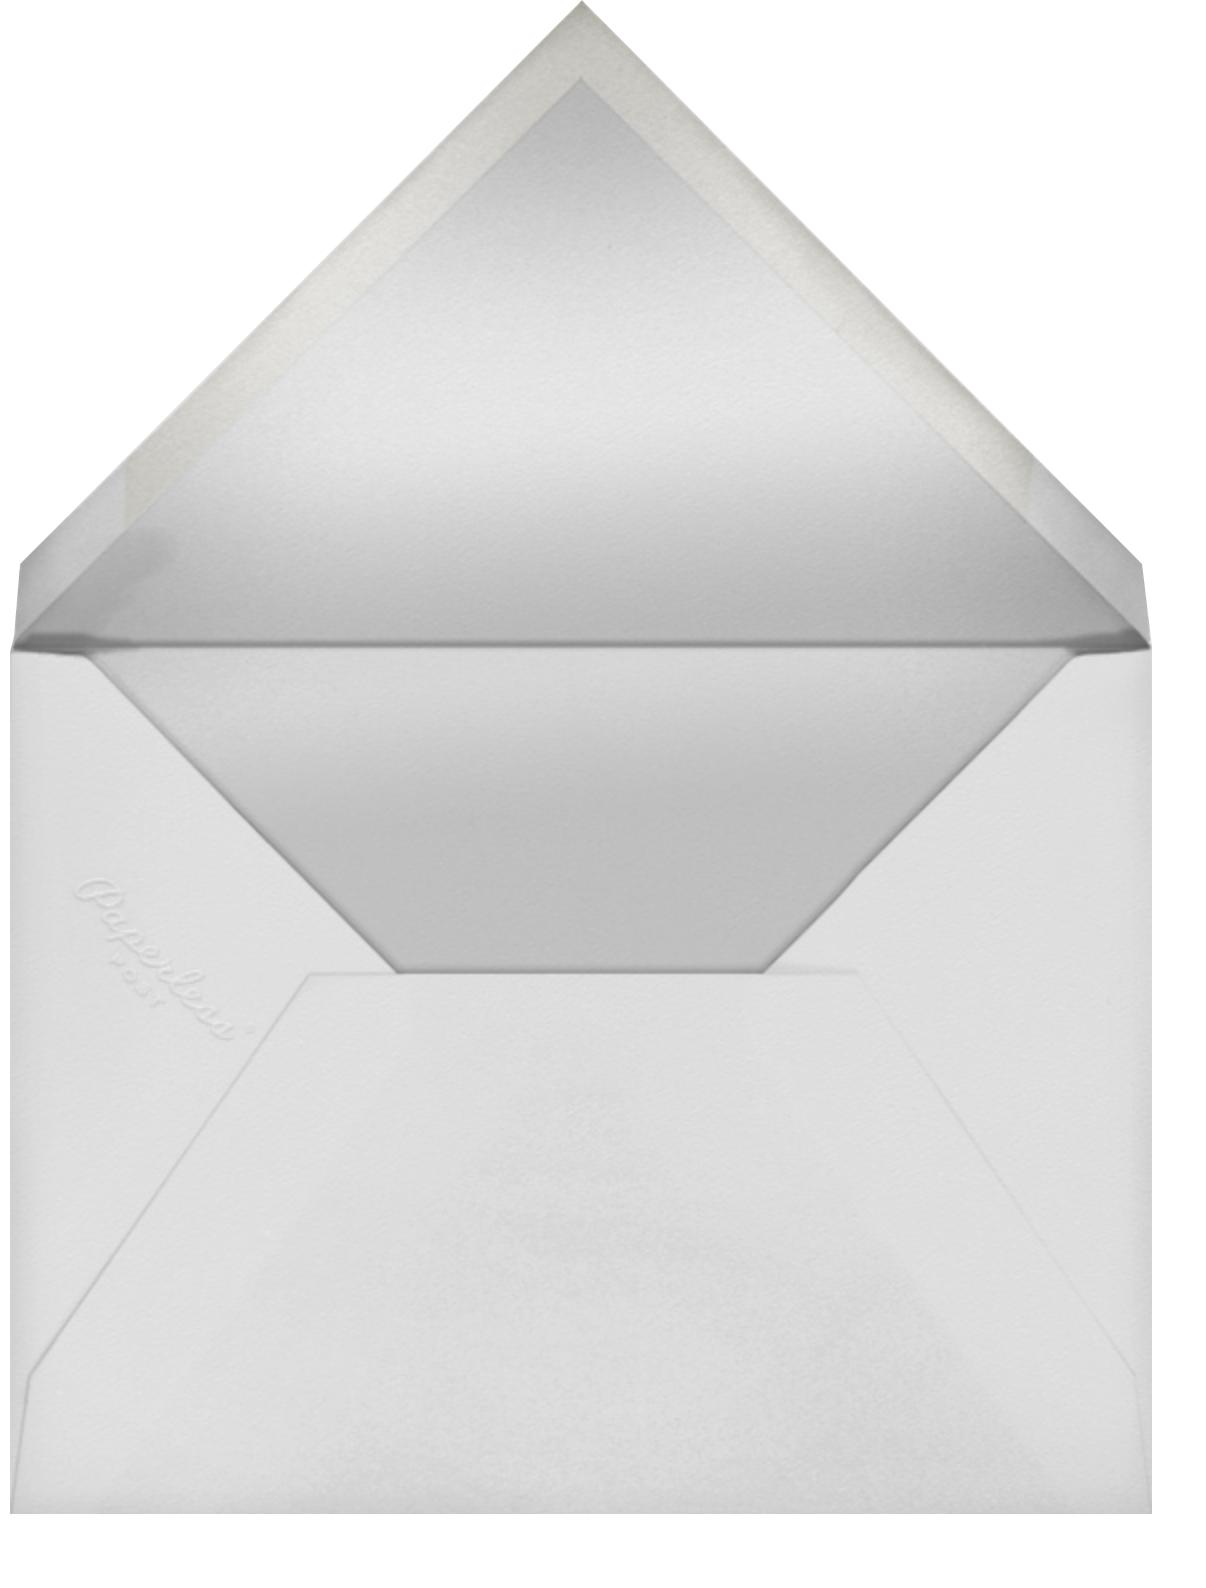 Cherish (Menu) - Meringue - Kelly Wearstler - Menus - envelope back